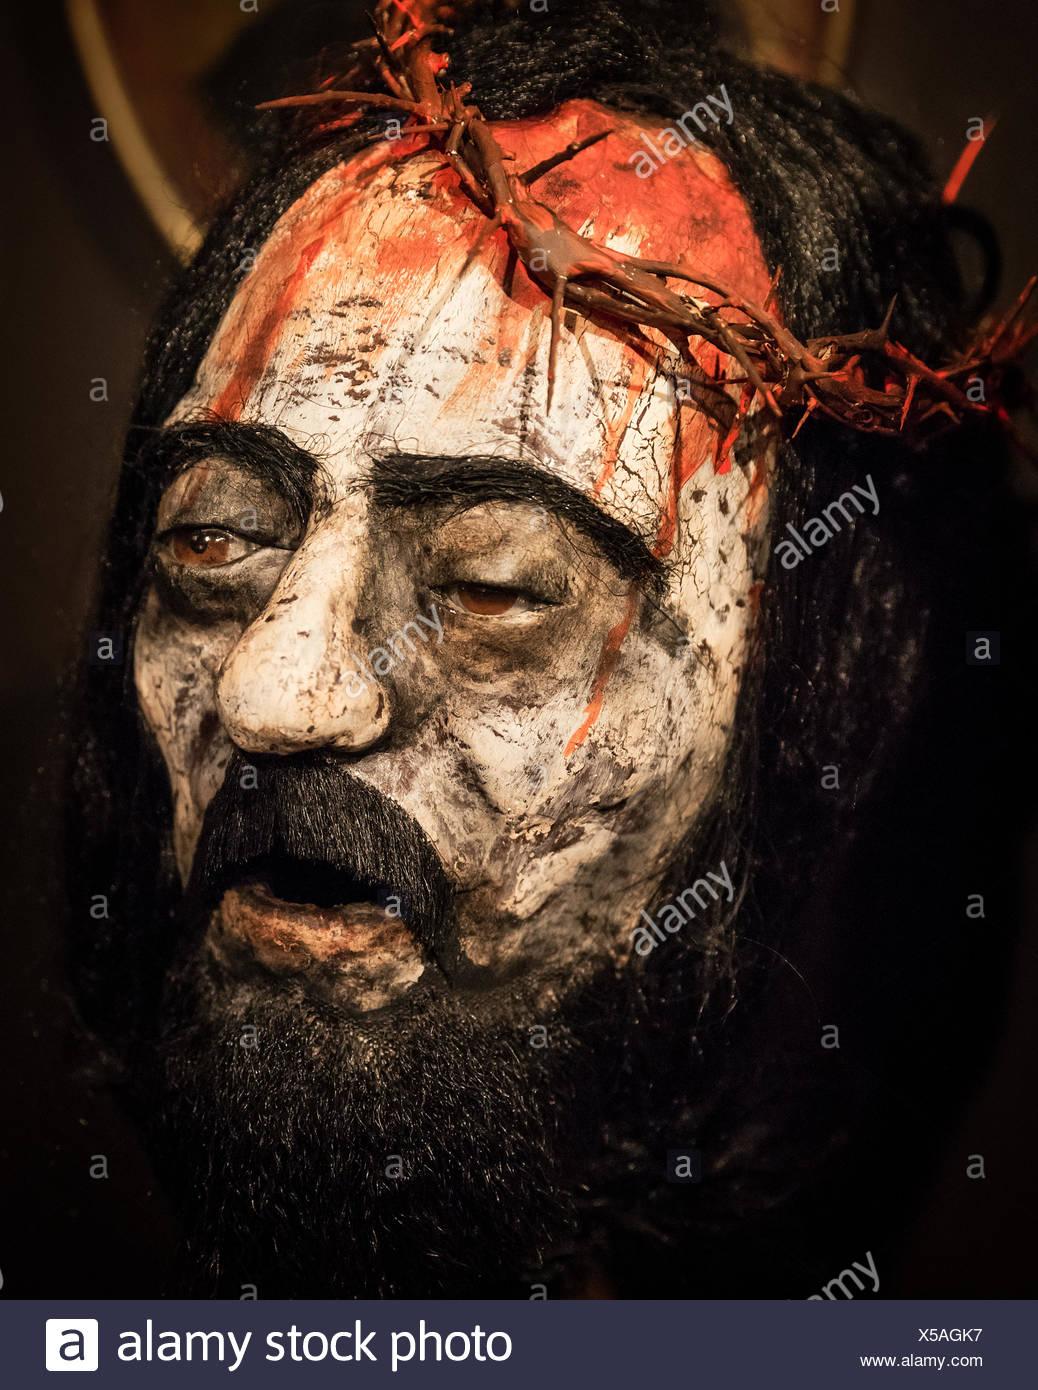 La Passione di Cristo la figura con la corona di spine. Foto Stock